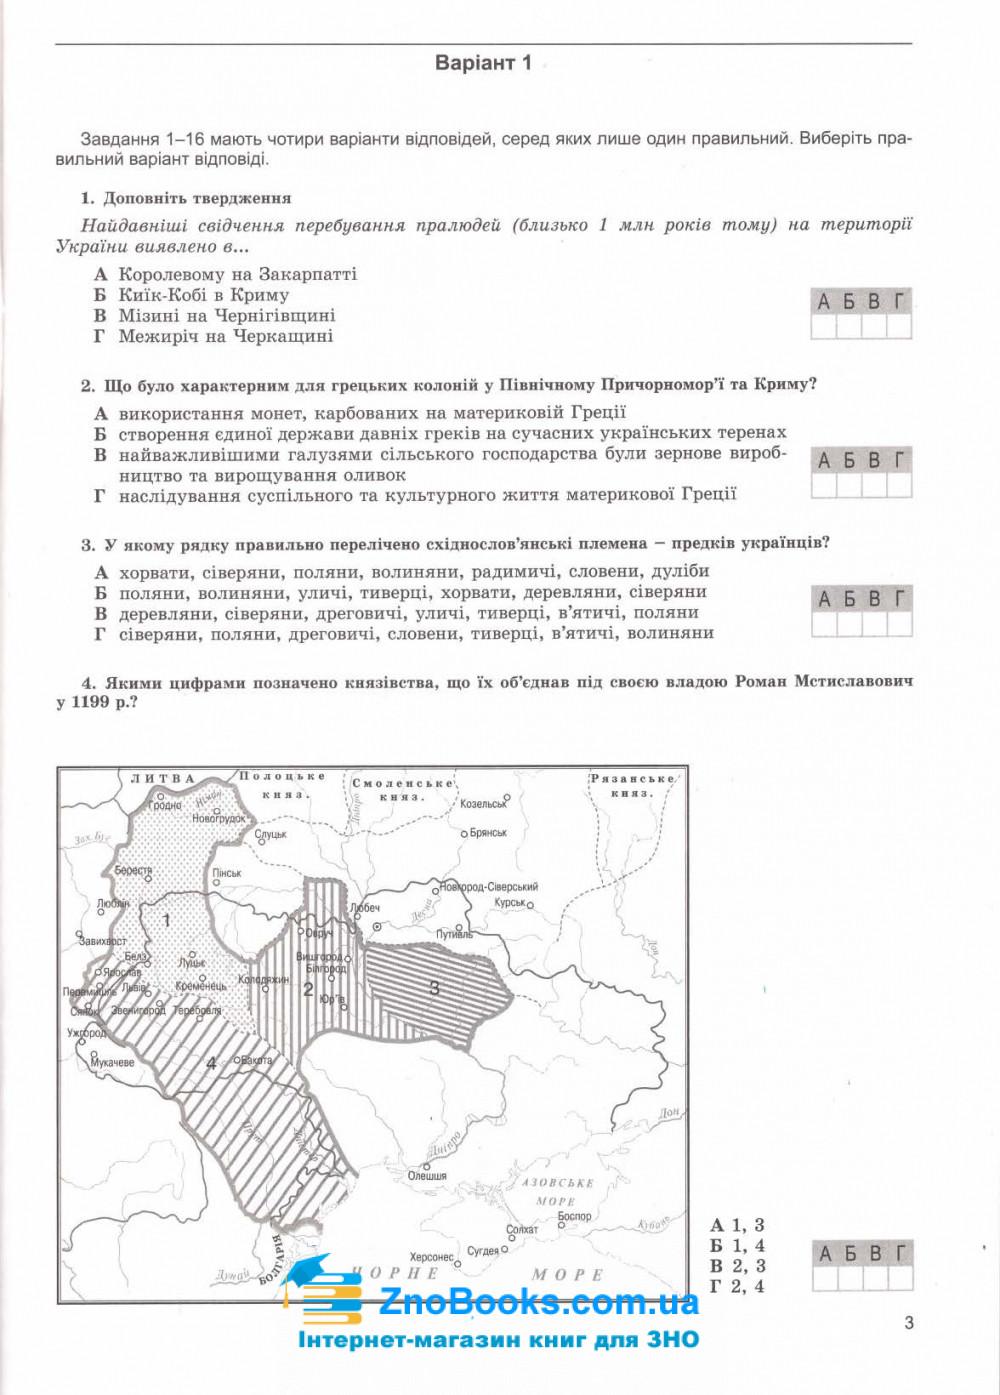 ДПА 9 клас 2021 історія України. Збірник завдань : Власов В. Генеза. Купити 3